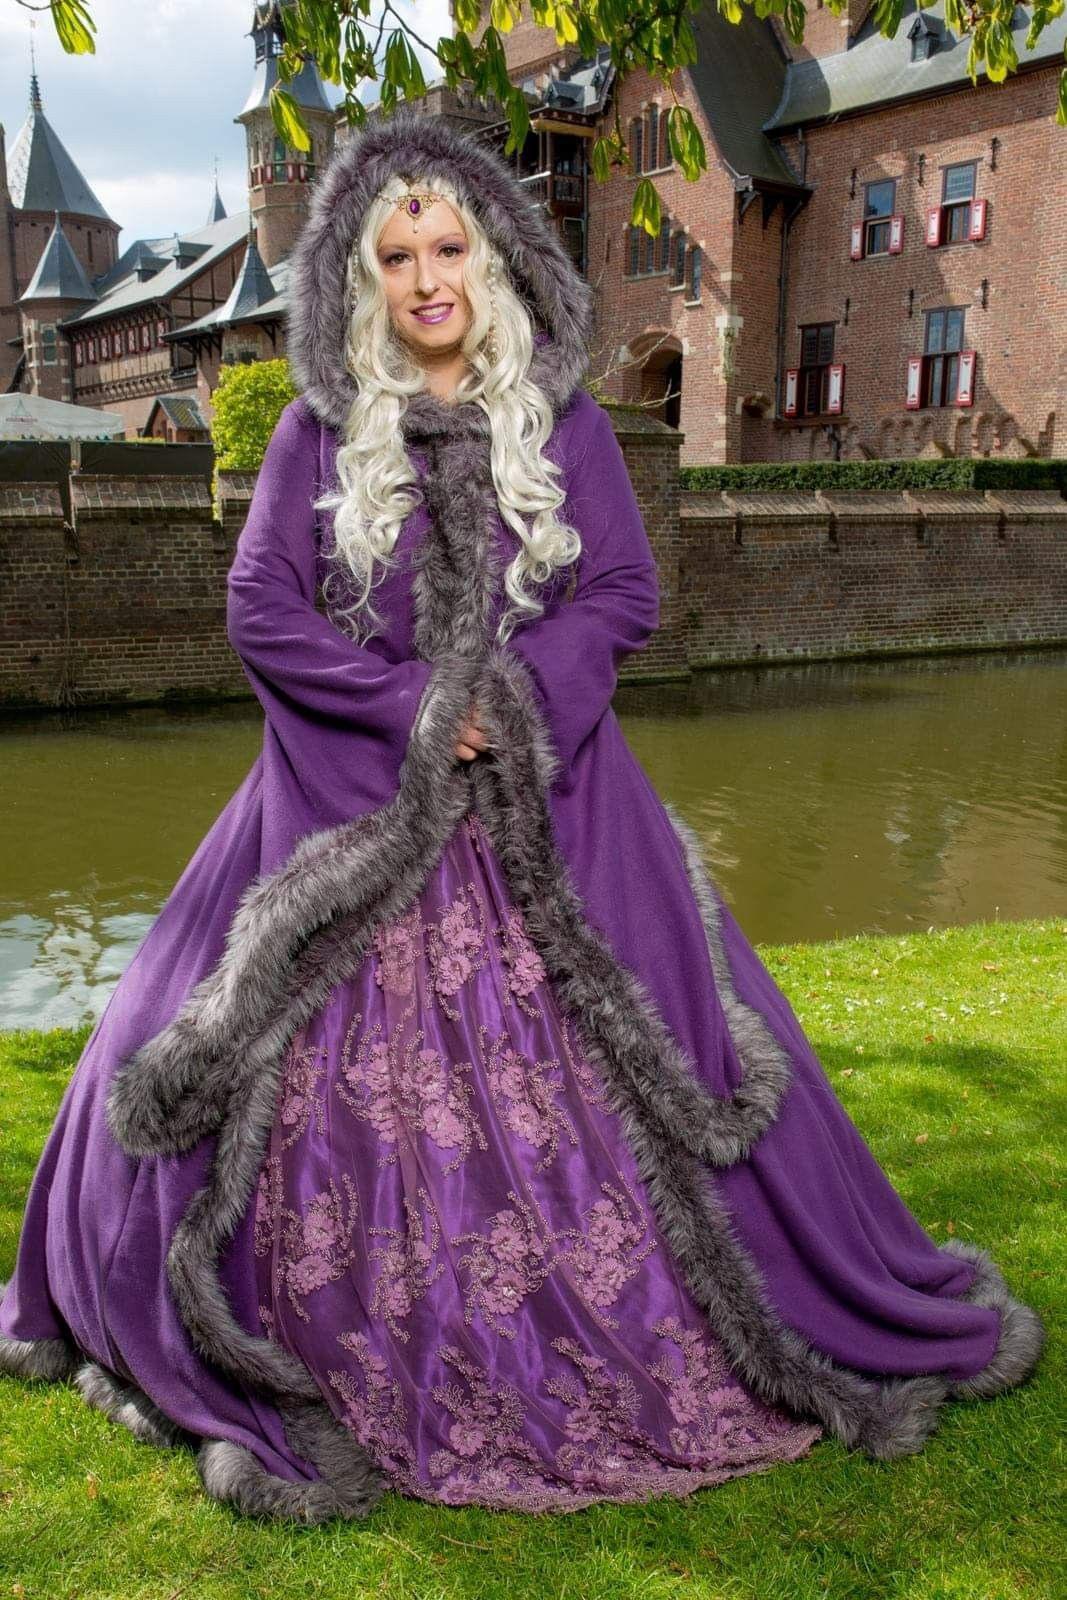 Pin Van Leonie Ouwerkerk Op Costumes Met Afbeeldingen